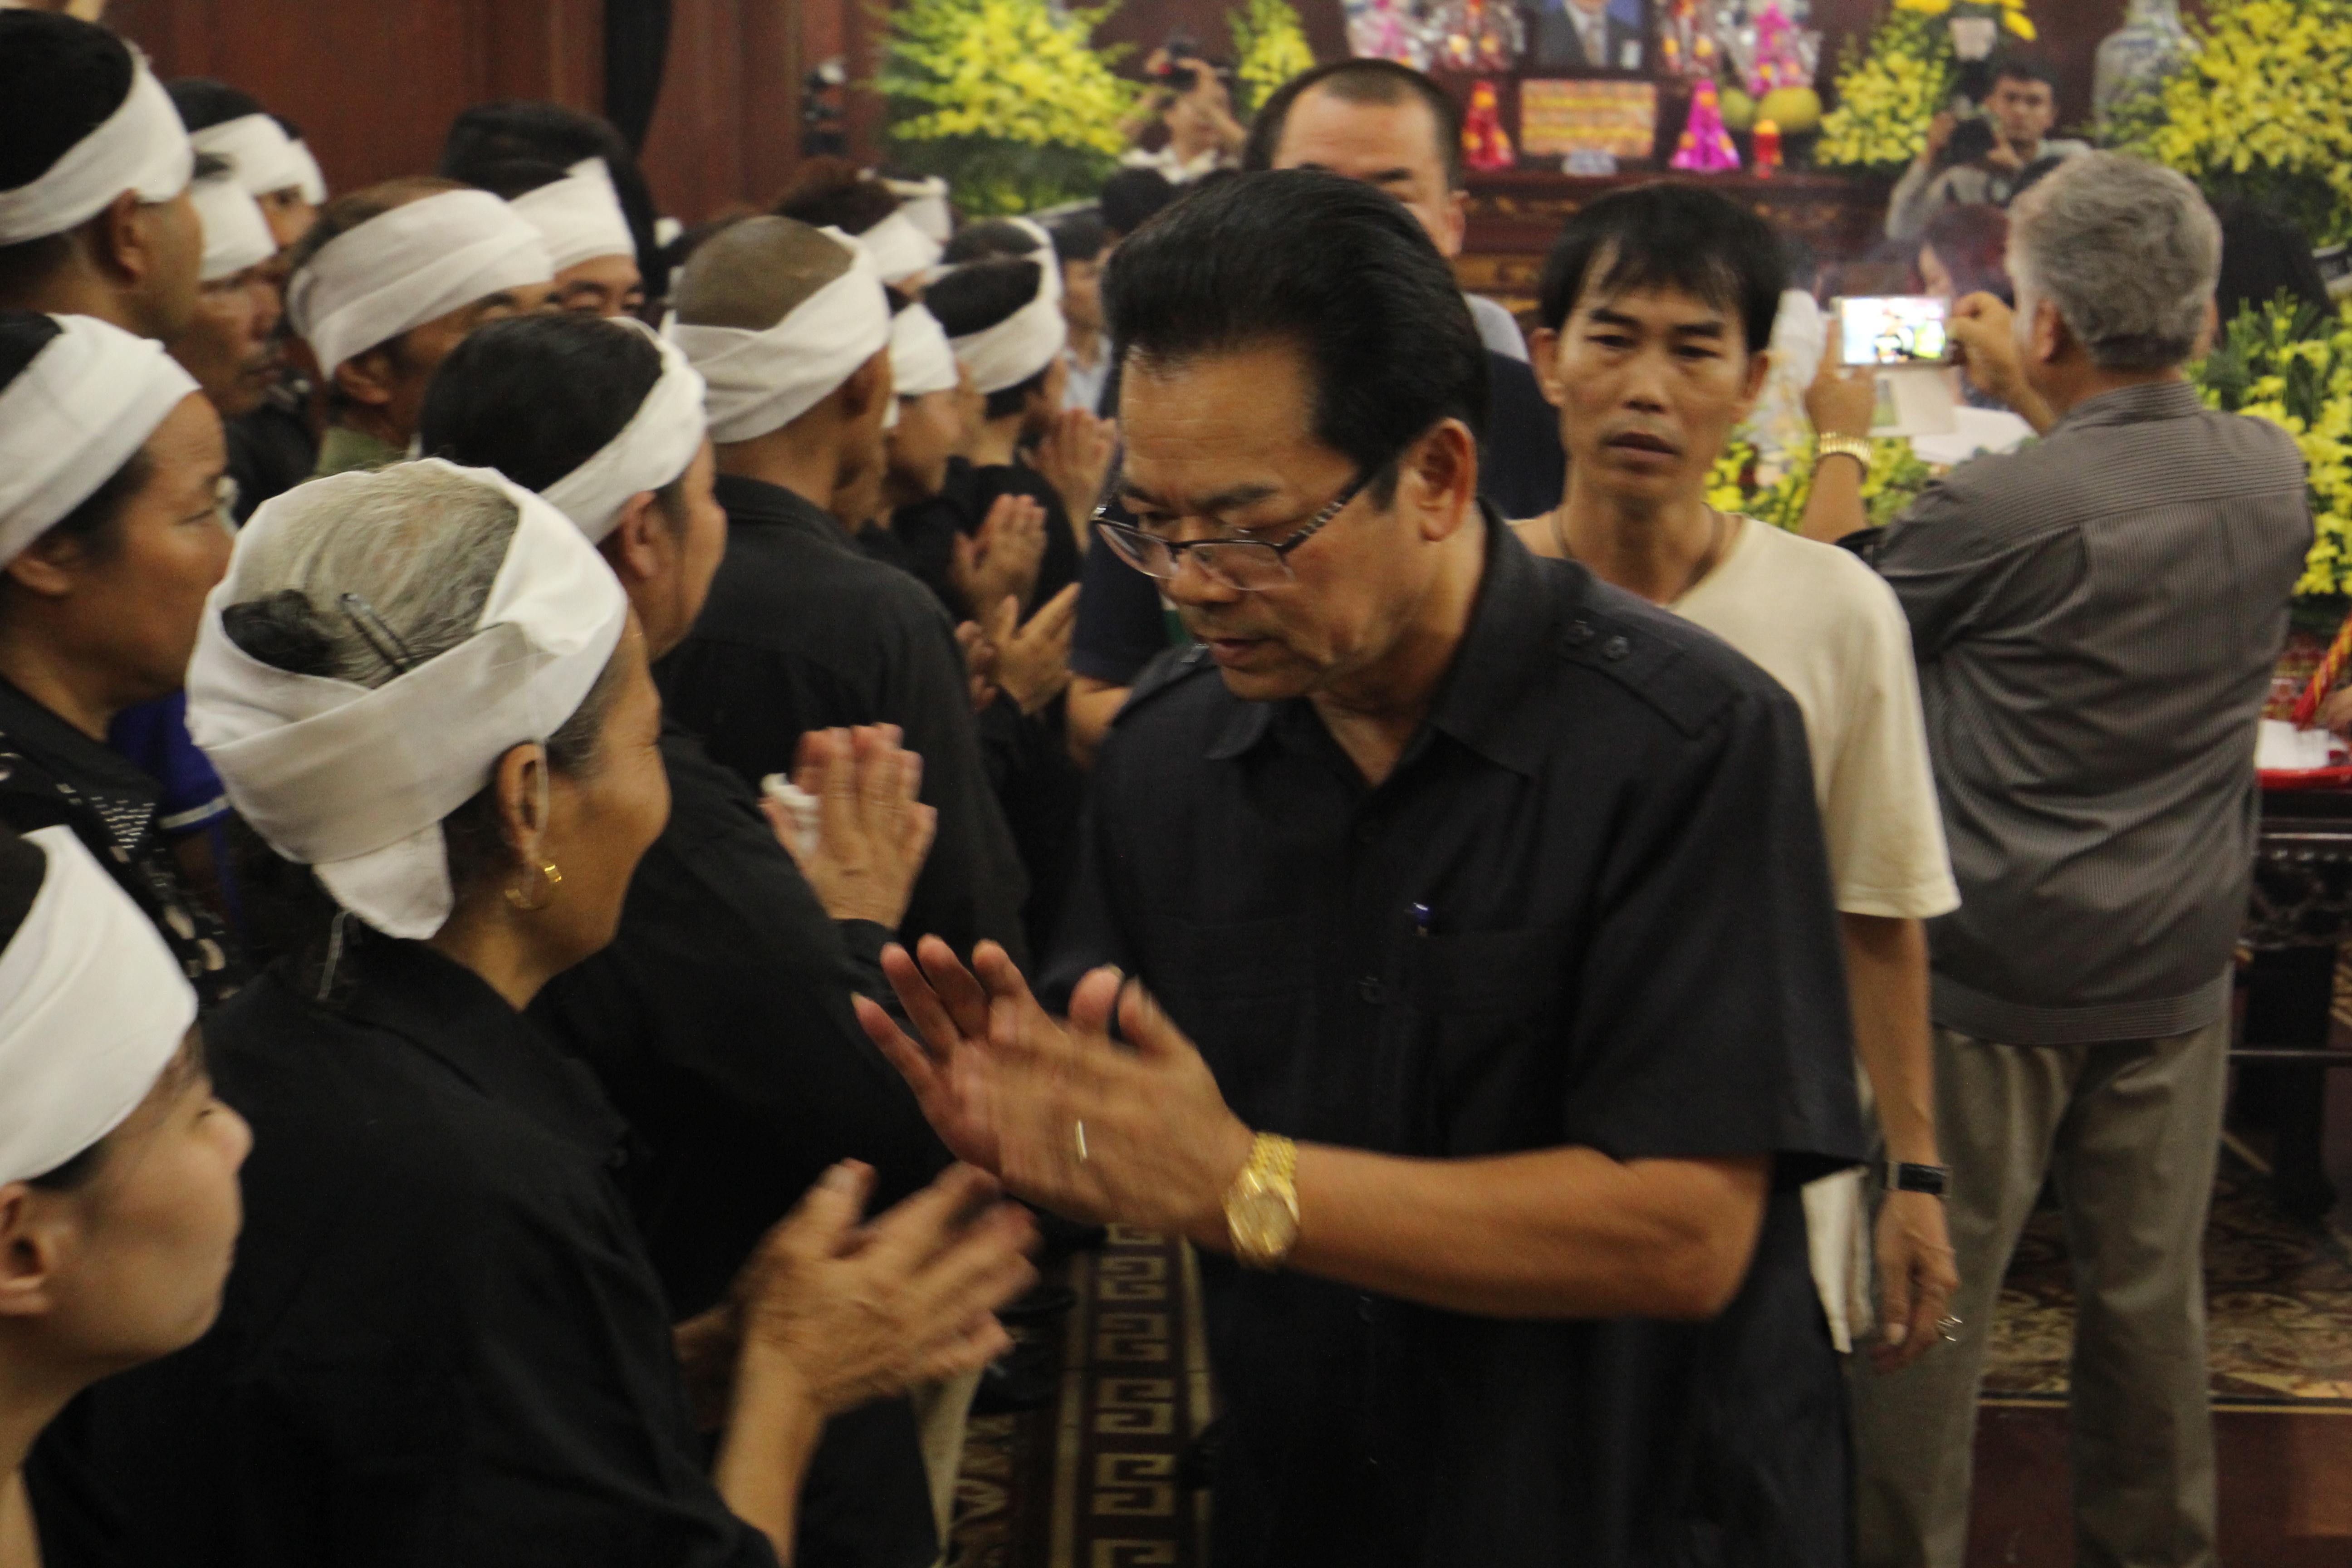 Trong dòng người tới từ biệt NSƯT Hán Văn Tình, không chỉ có người thân, bạn bè, người hâm mộ mà còn có rất nhiều gương mặt nghệ sĩ thân quen với khán giả màn ảnh nhỏ. Trong ảnh là nghệ sĩ Trần Nhượng.